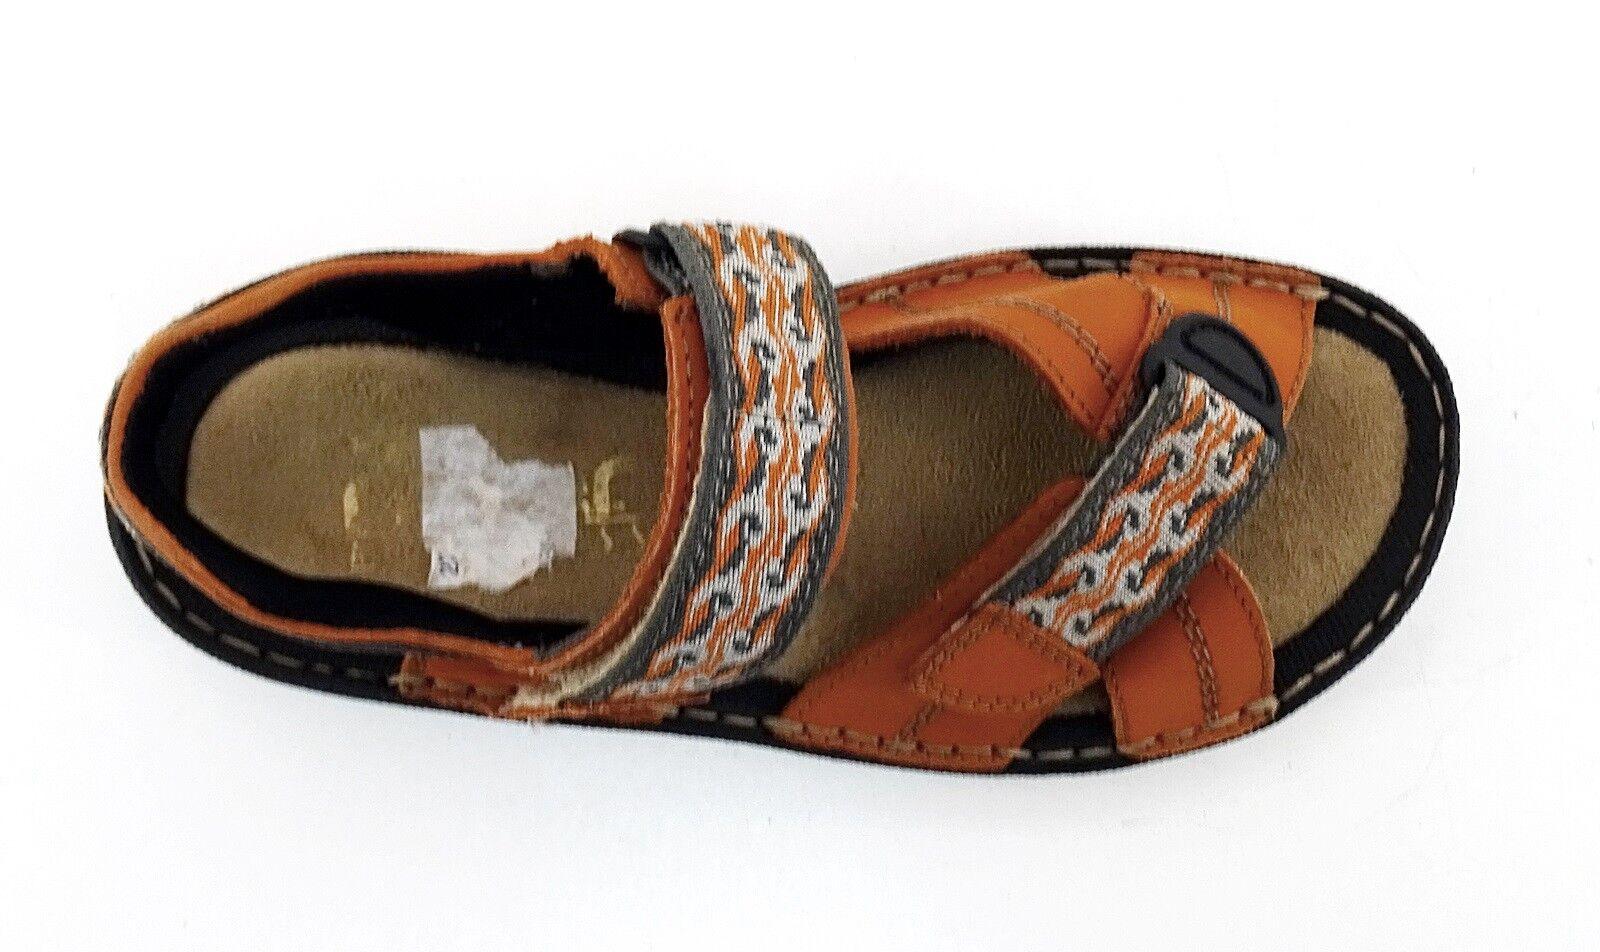 Sandalen Rieker Antistress Klettverschluss Outdoor Echtleder Textil Orange Gr.36 Gr.36 Gr.36 f70027